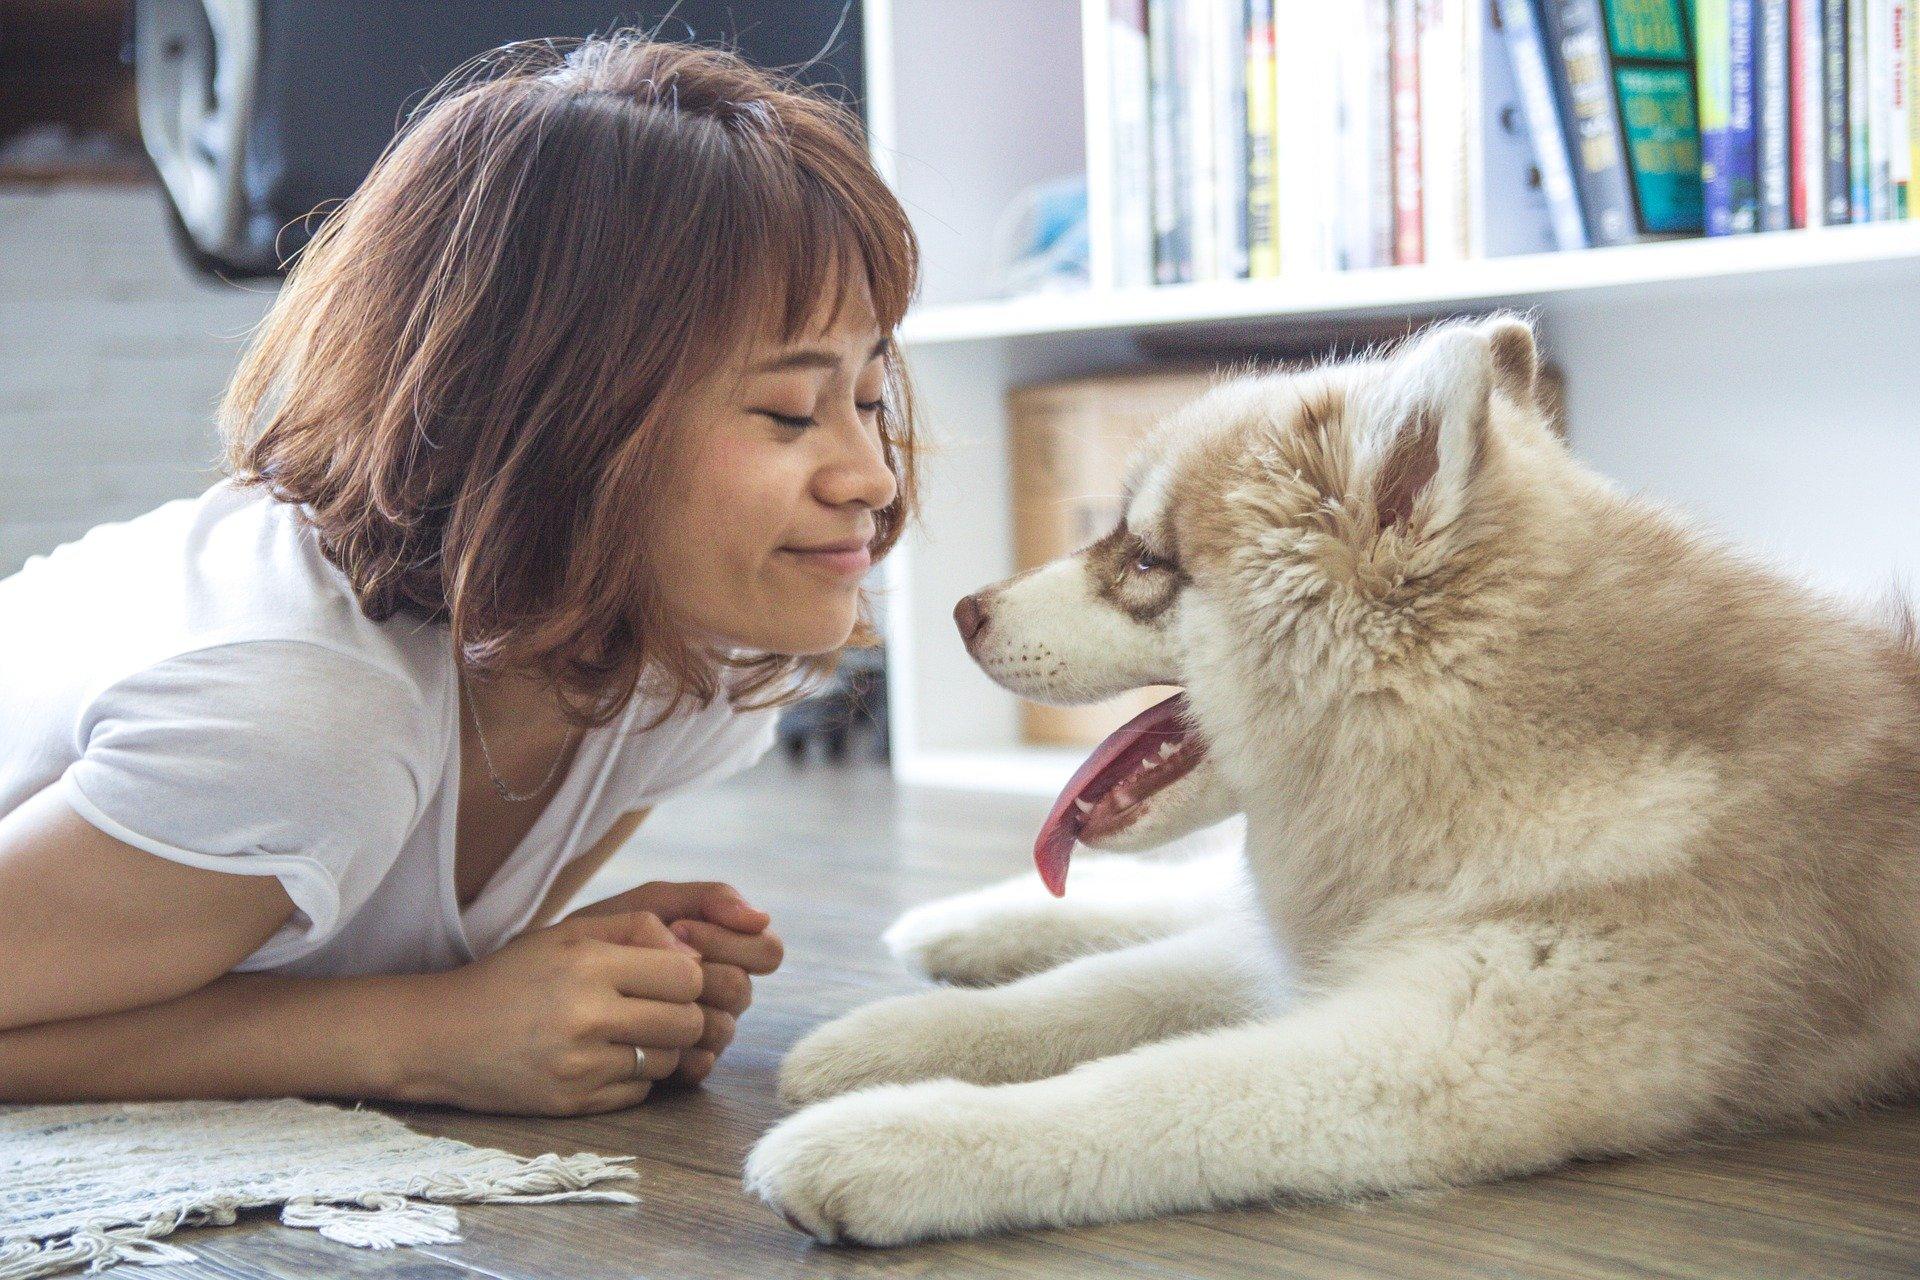 Addestrare un cane per la Pet Therapy, come farlo al meglio